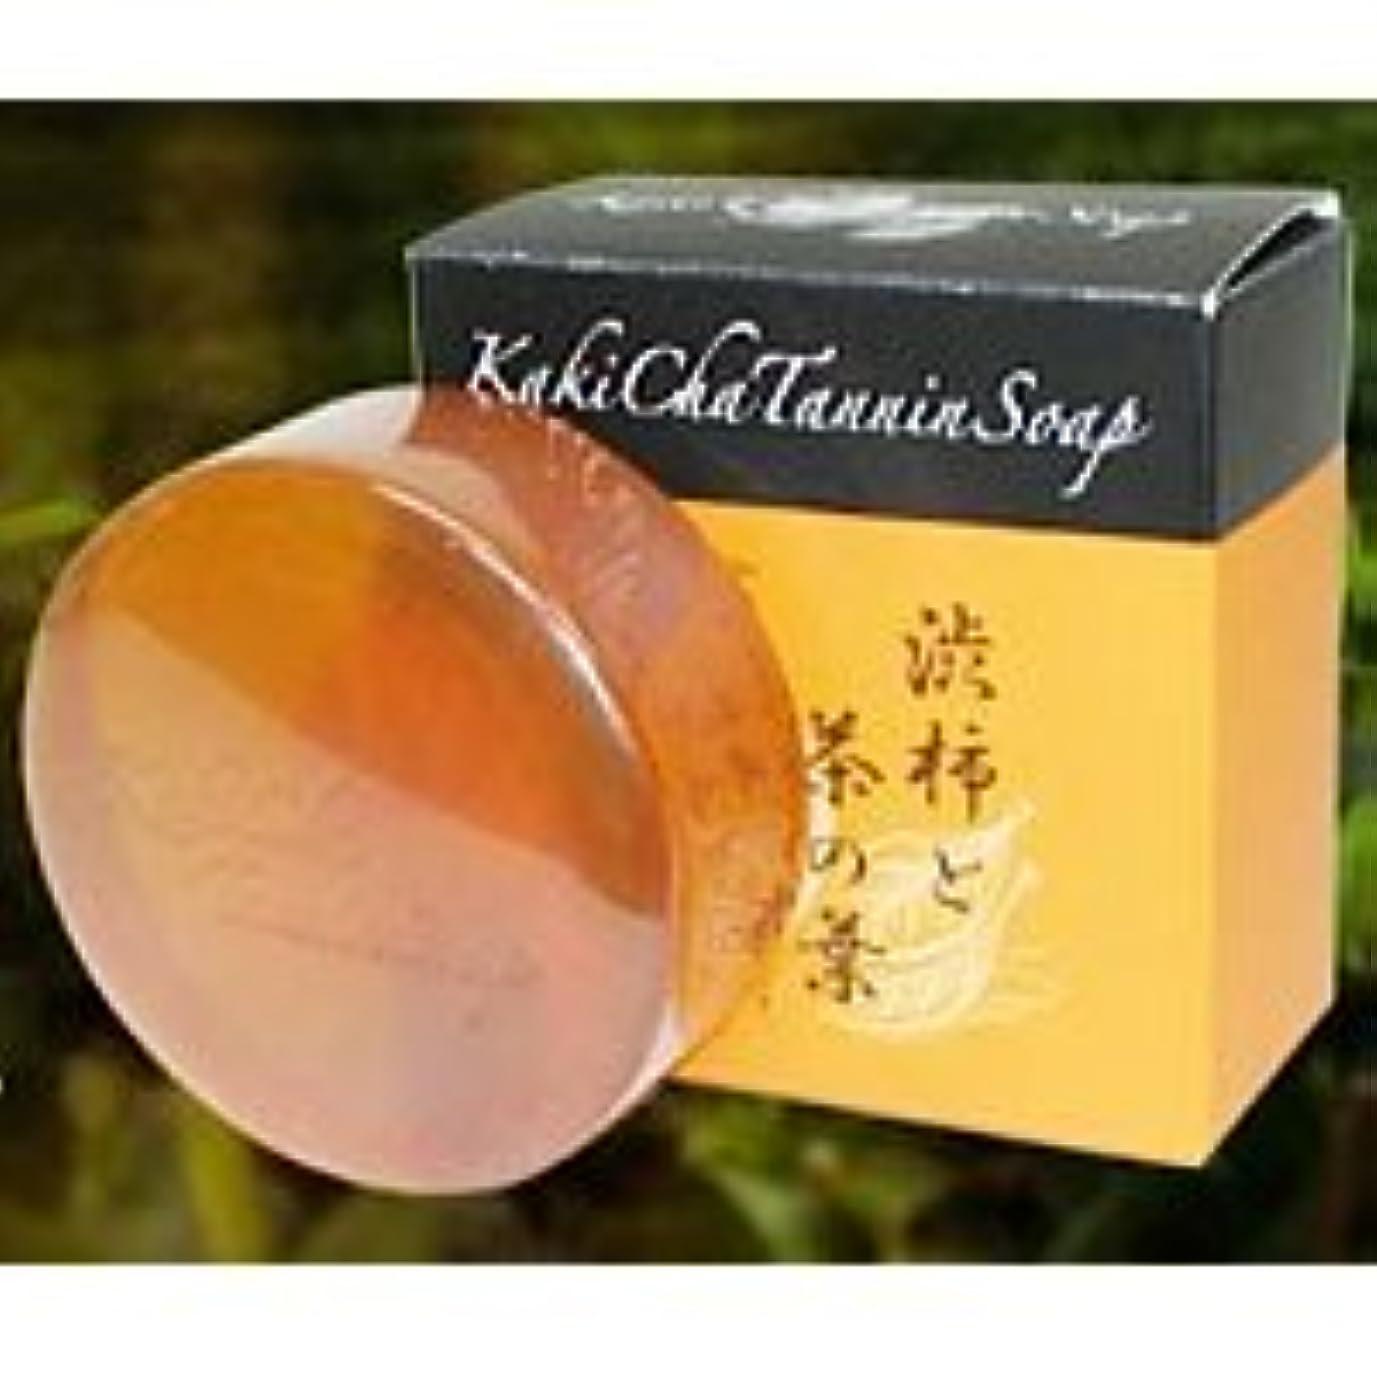 ジュース取り扱い暖かさカキチャタンニンソープ 安心の日本製 カキチャタンニンソープ (マイルドクリアソープ) カキチャ タンニンソープ 柿渋ソープ